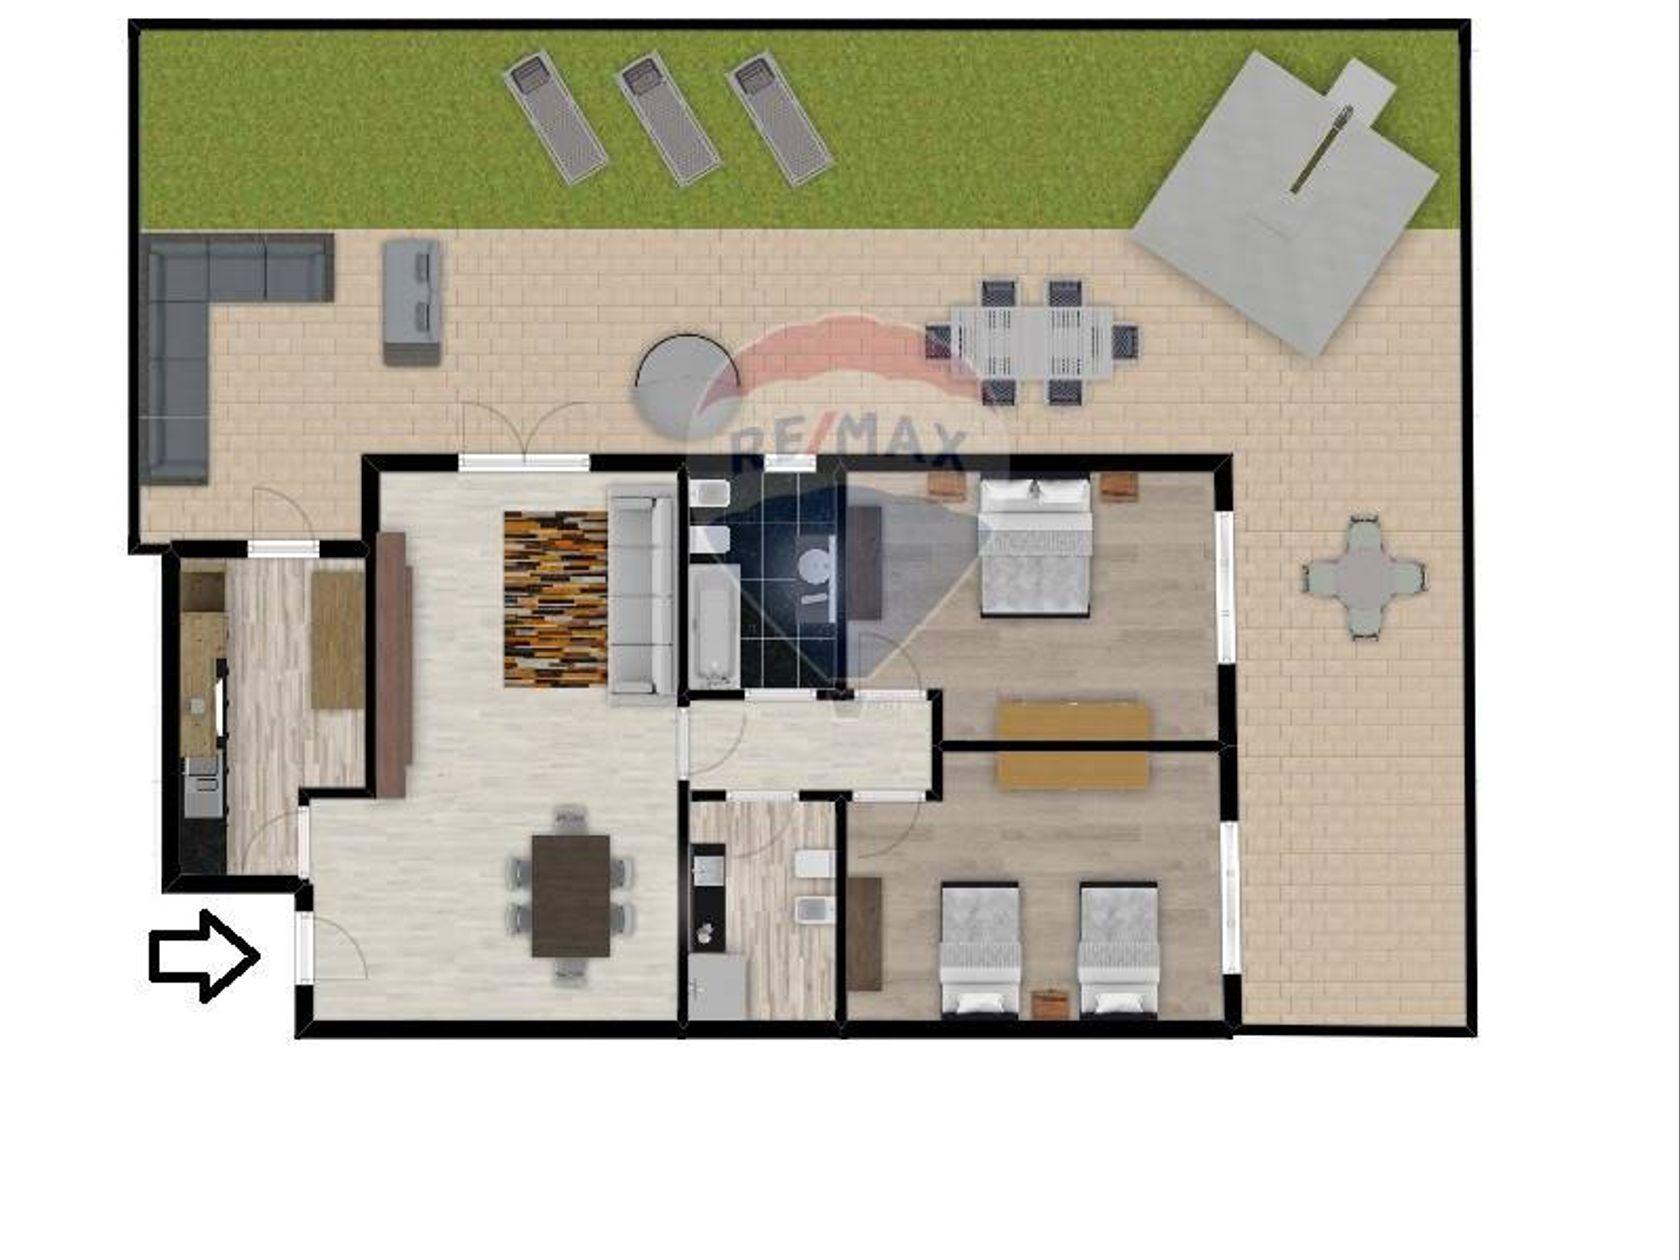 Appartamento Villa Adriana, Tivoli, RM Vendita - Planimetria 1